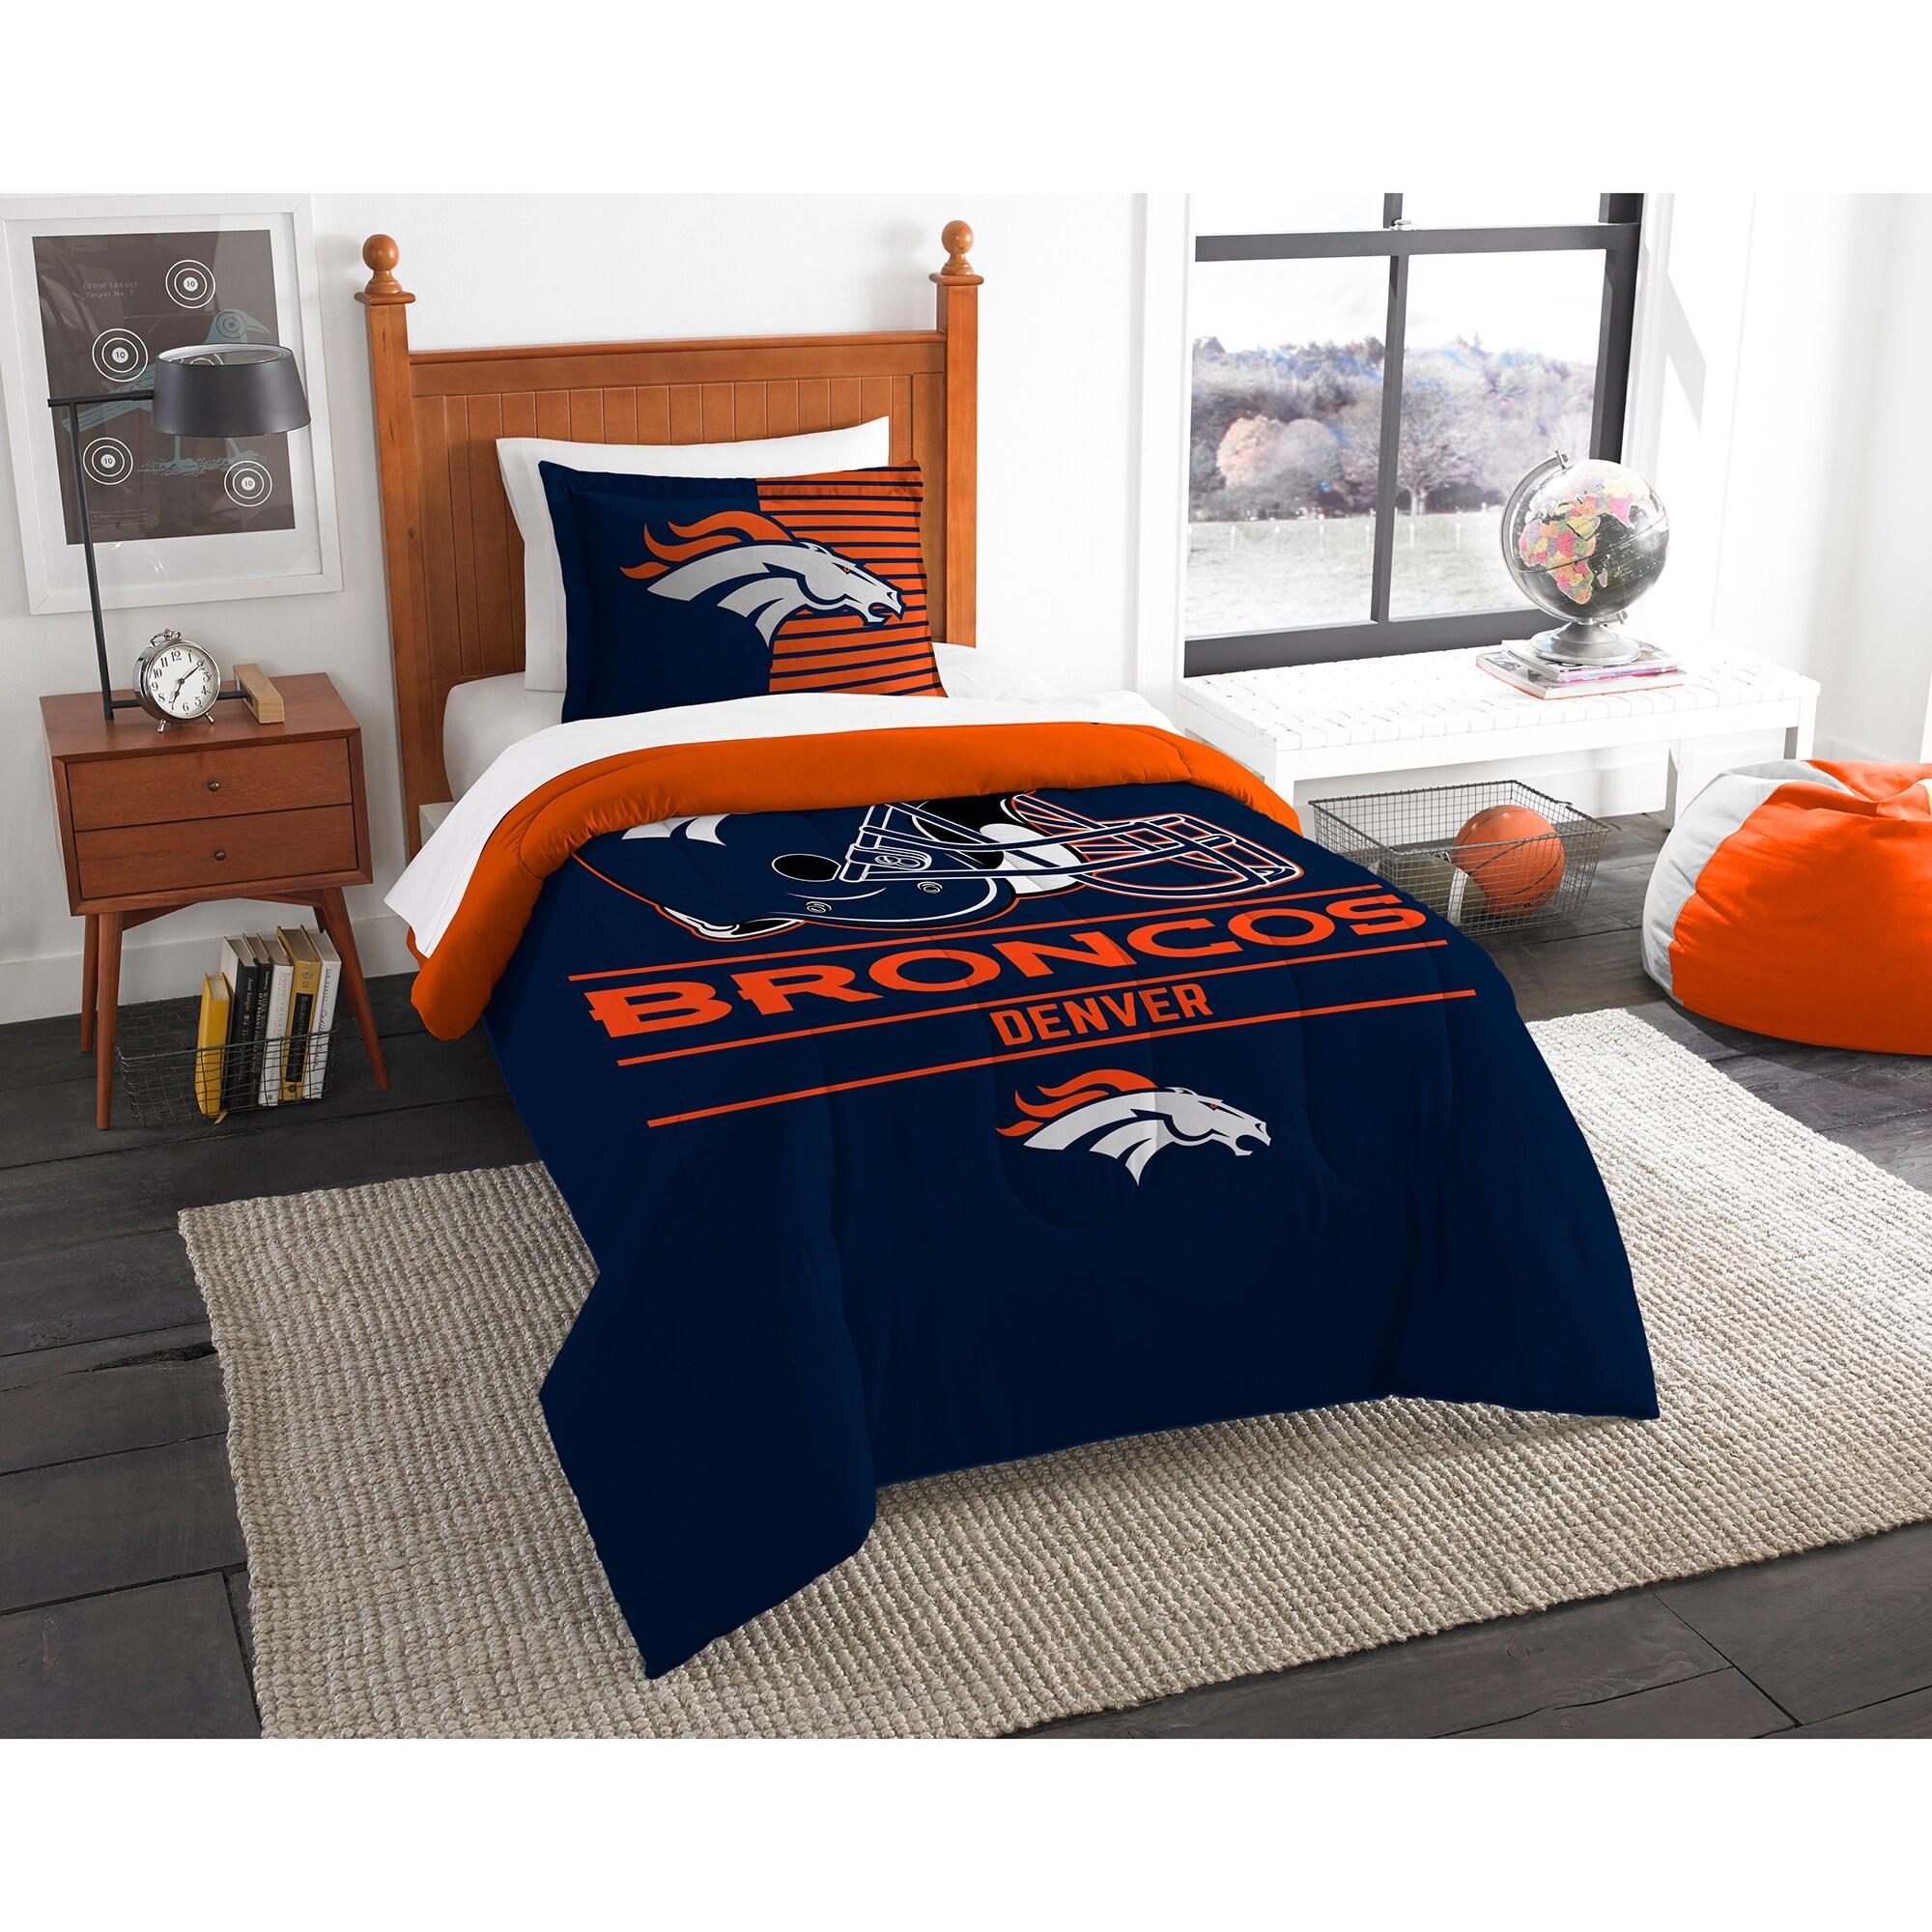 Denver Broncos The Northwest Company NFL Draft Twin Comforter Set